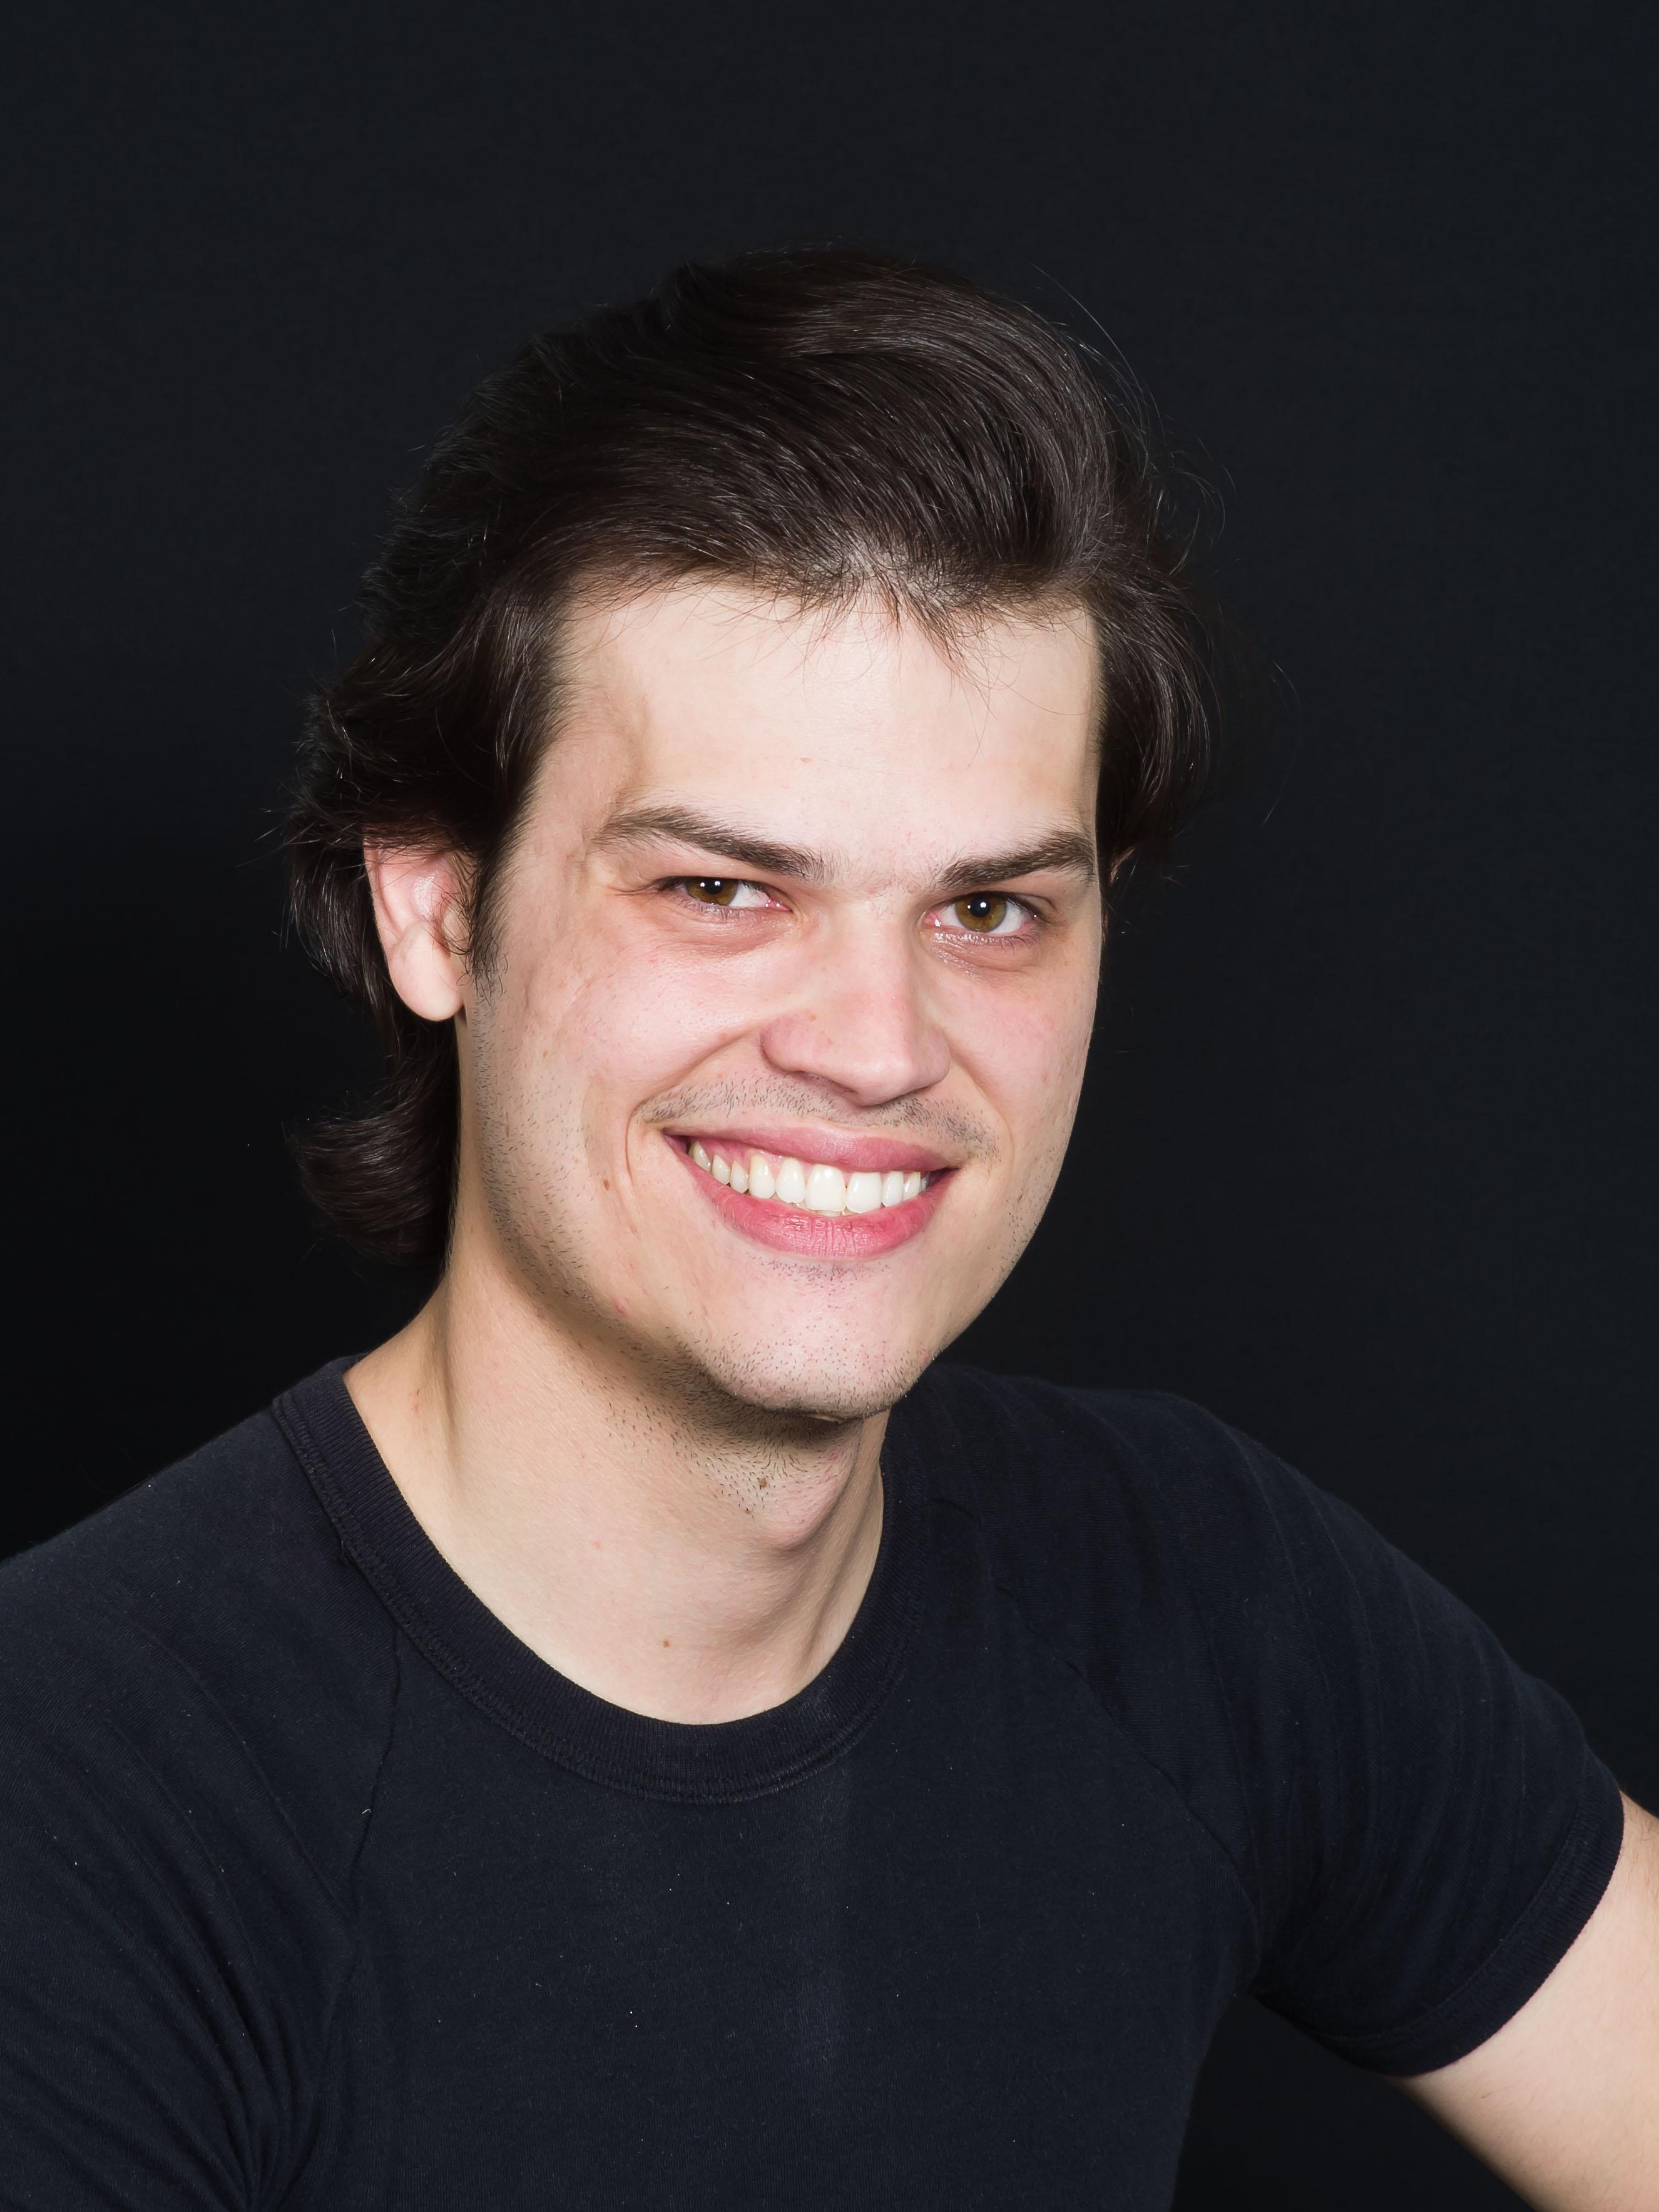 Mateo Morchio